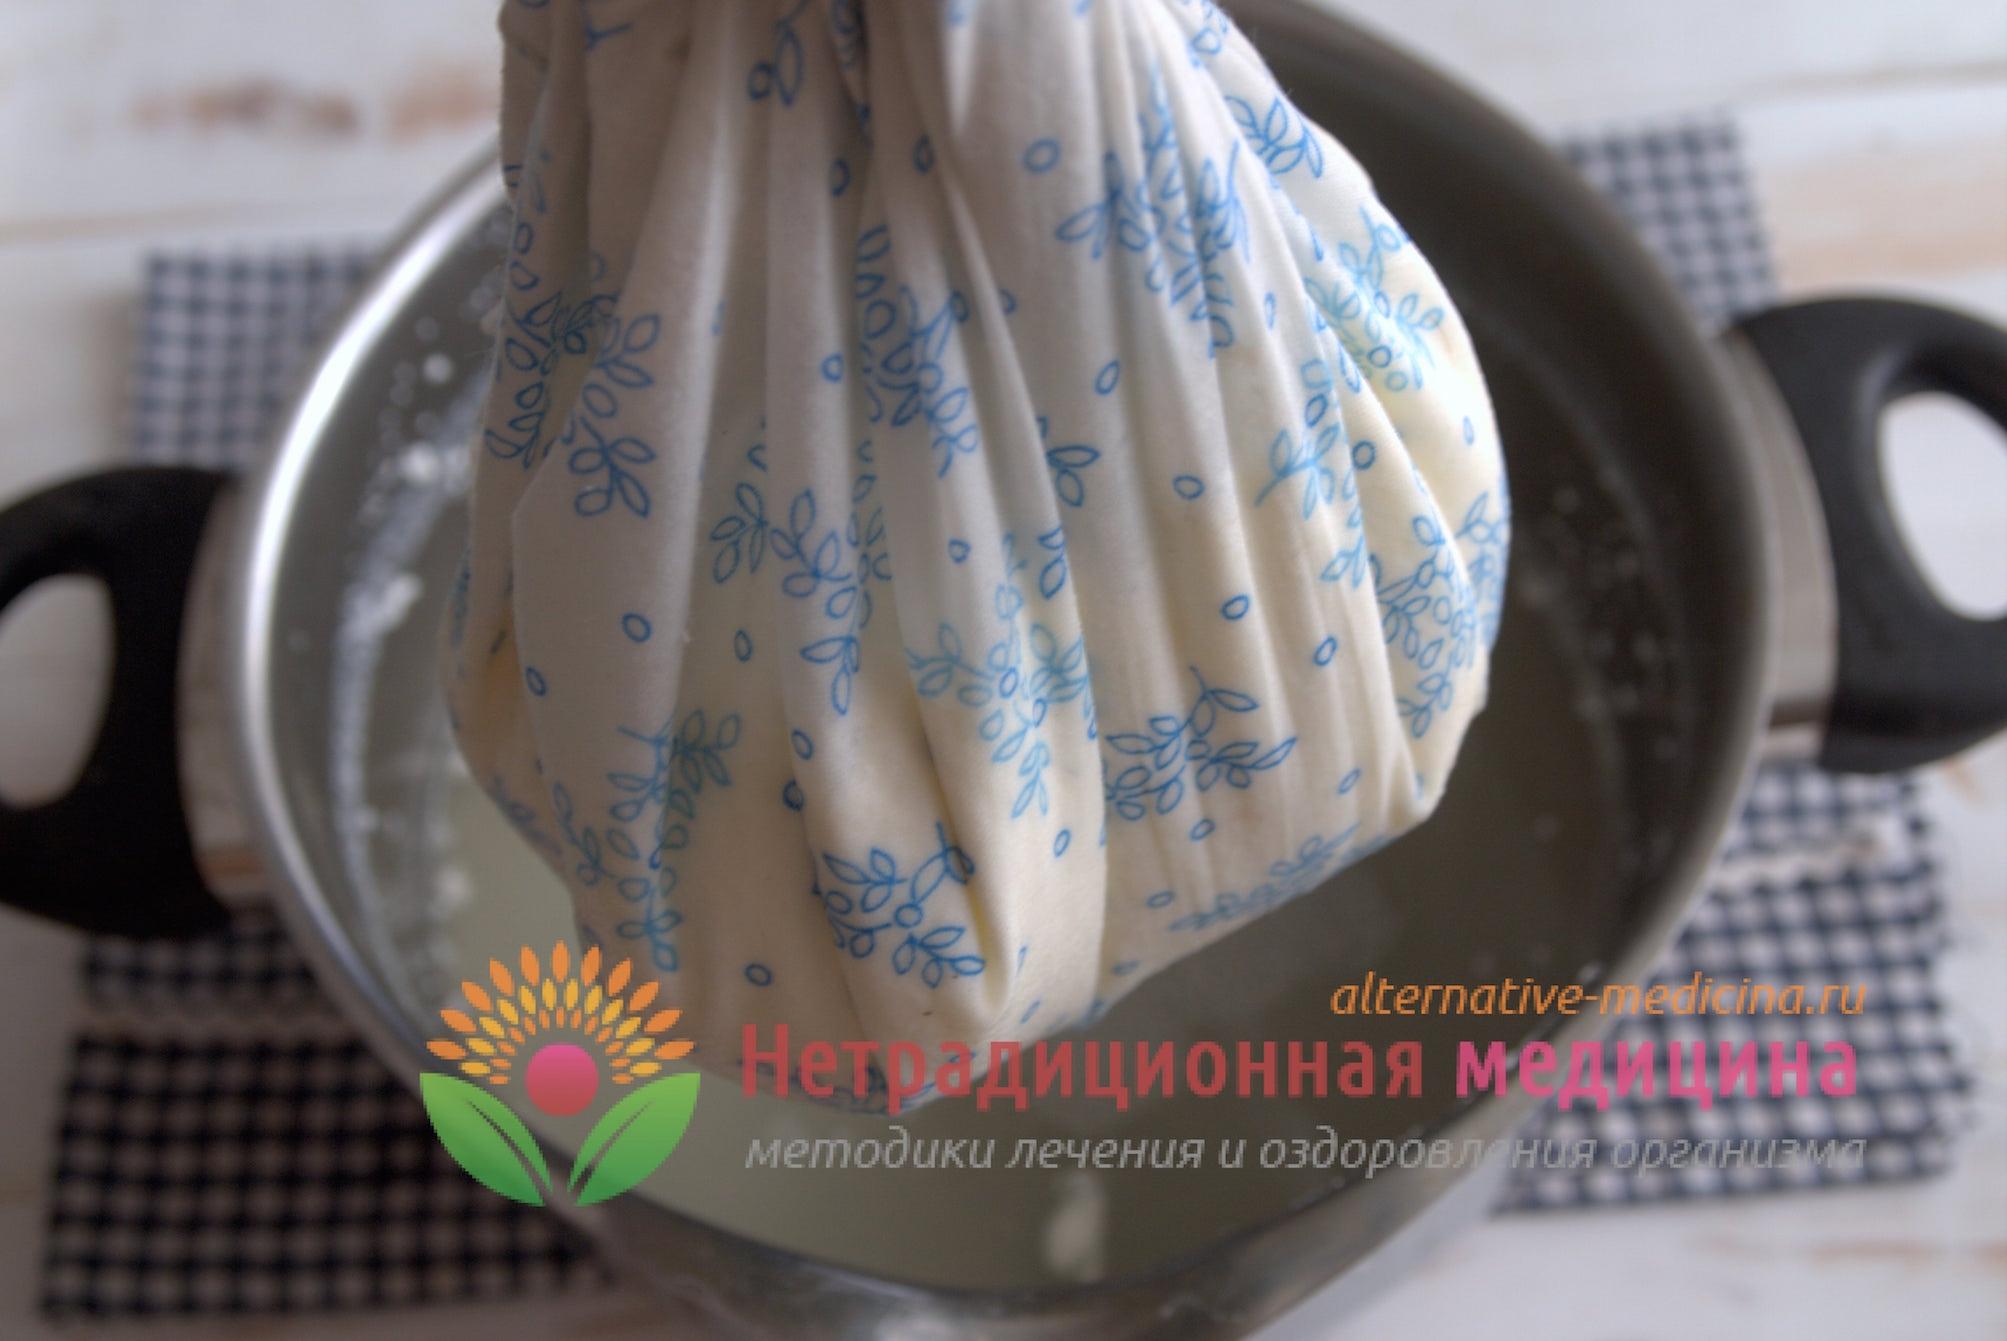 Как сделать кефир из магазинного молока в домашних условиях